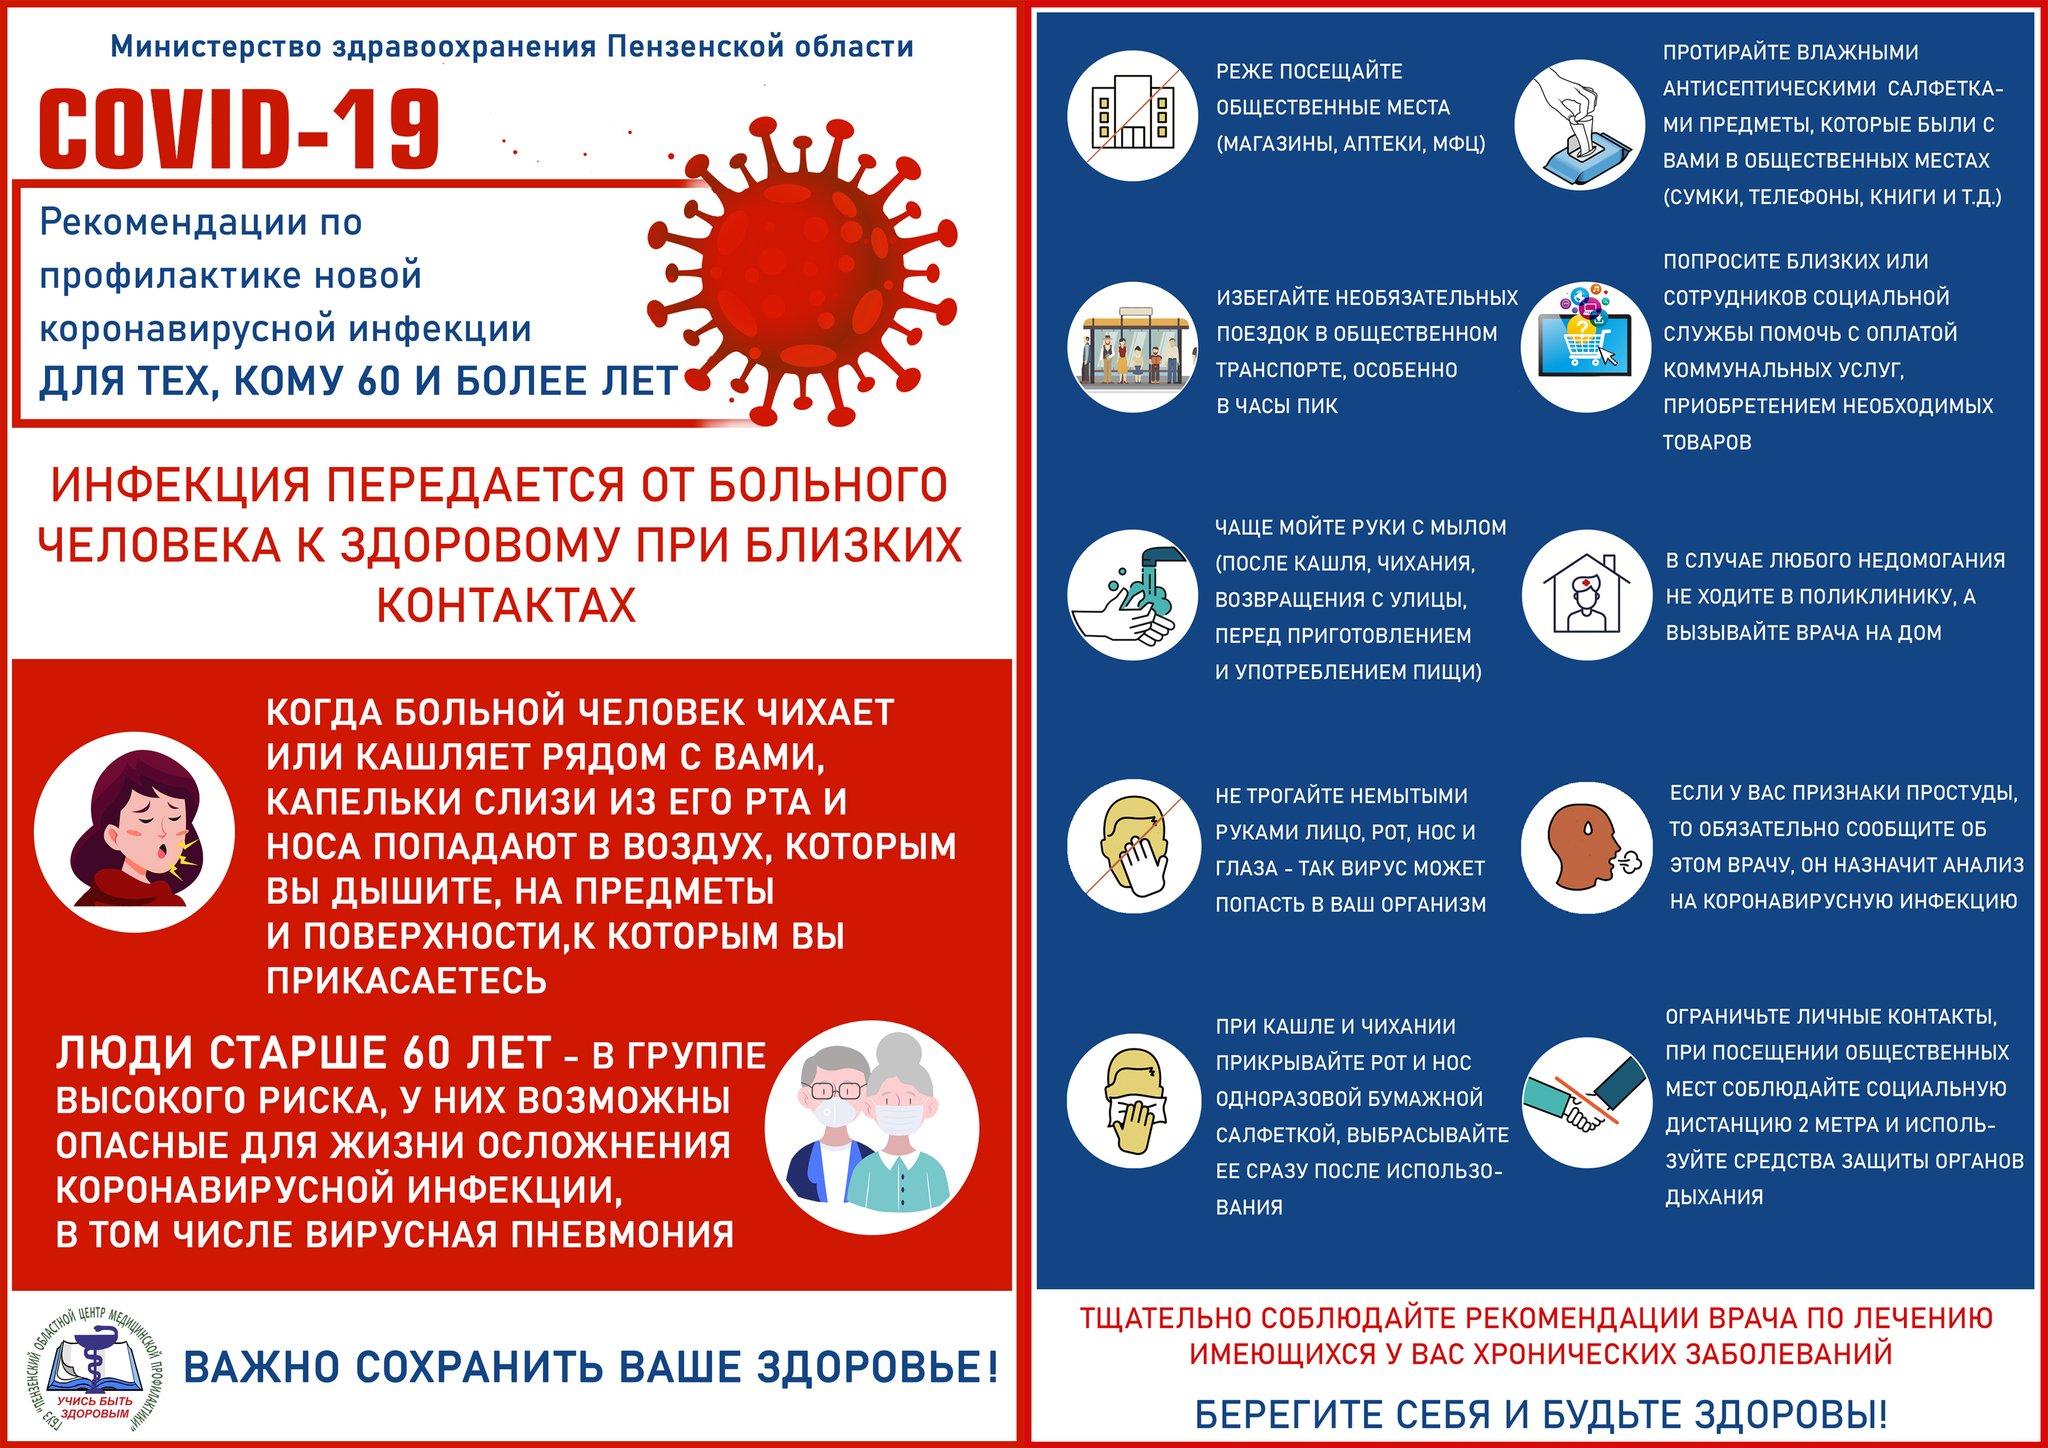 Список лучших противовирусных препаратов при коронавирусе у человека